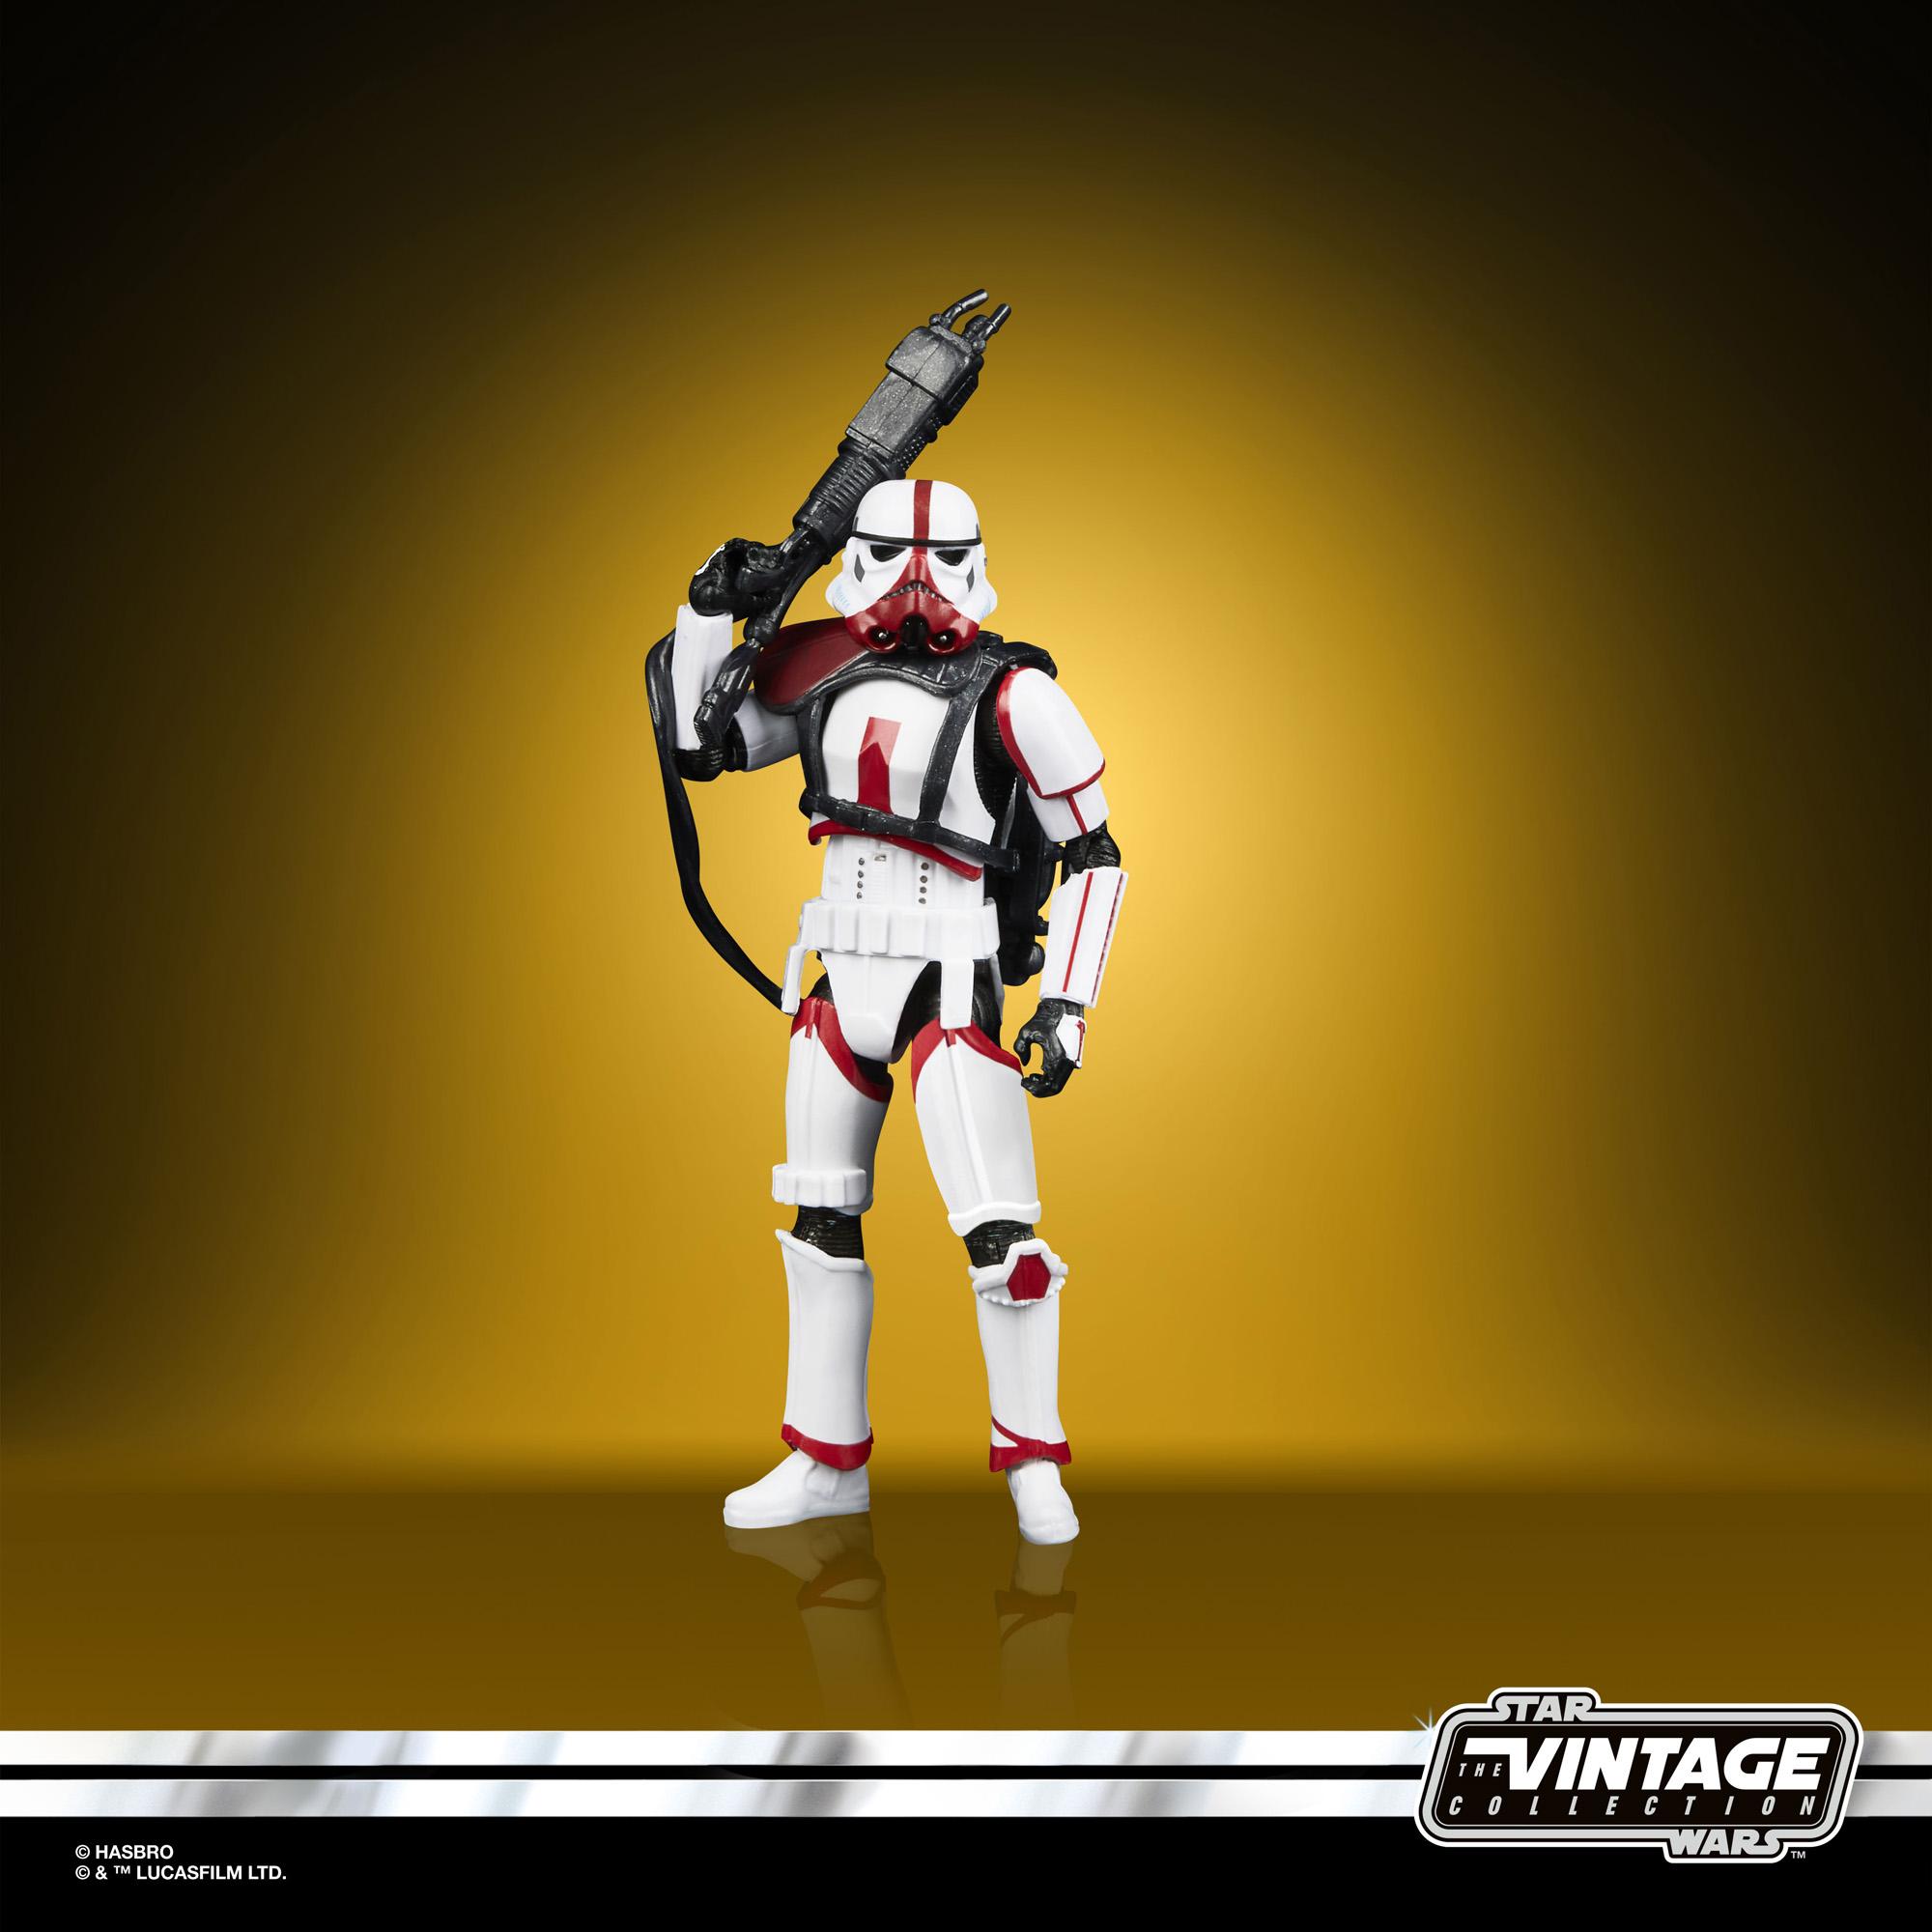 Import Star Wars Vintage Collection Incinerator Trooper F0879  5010993792719